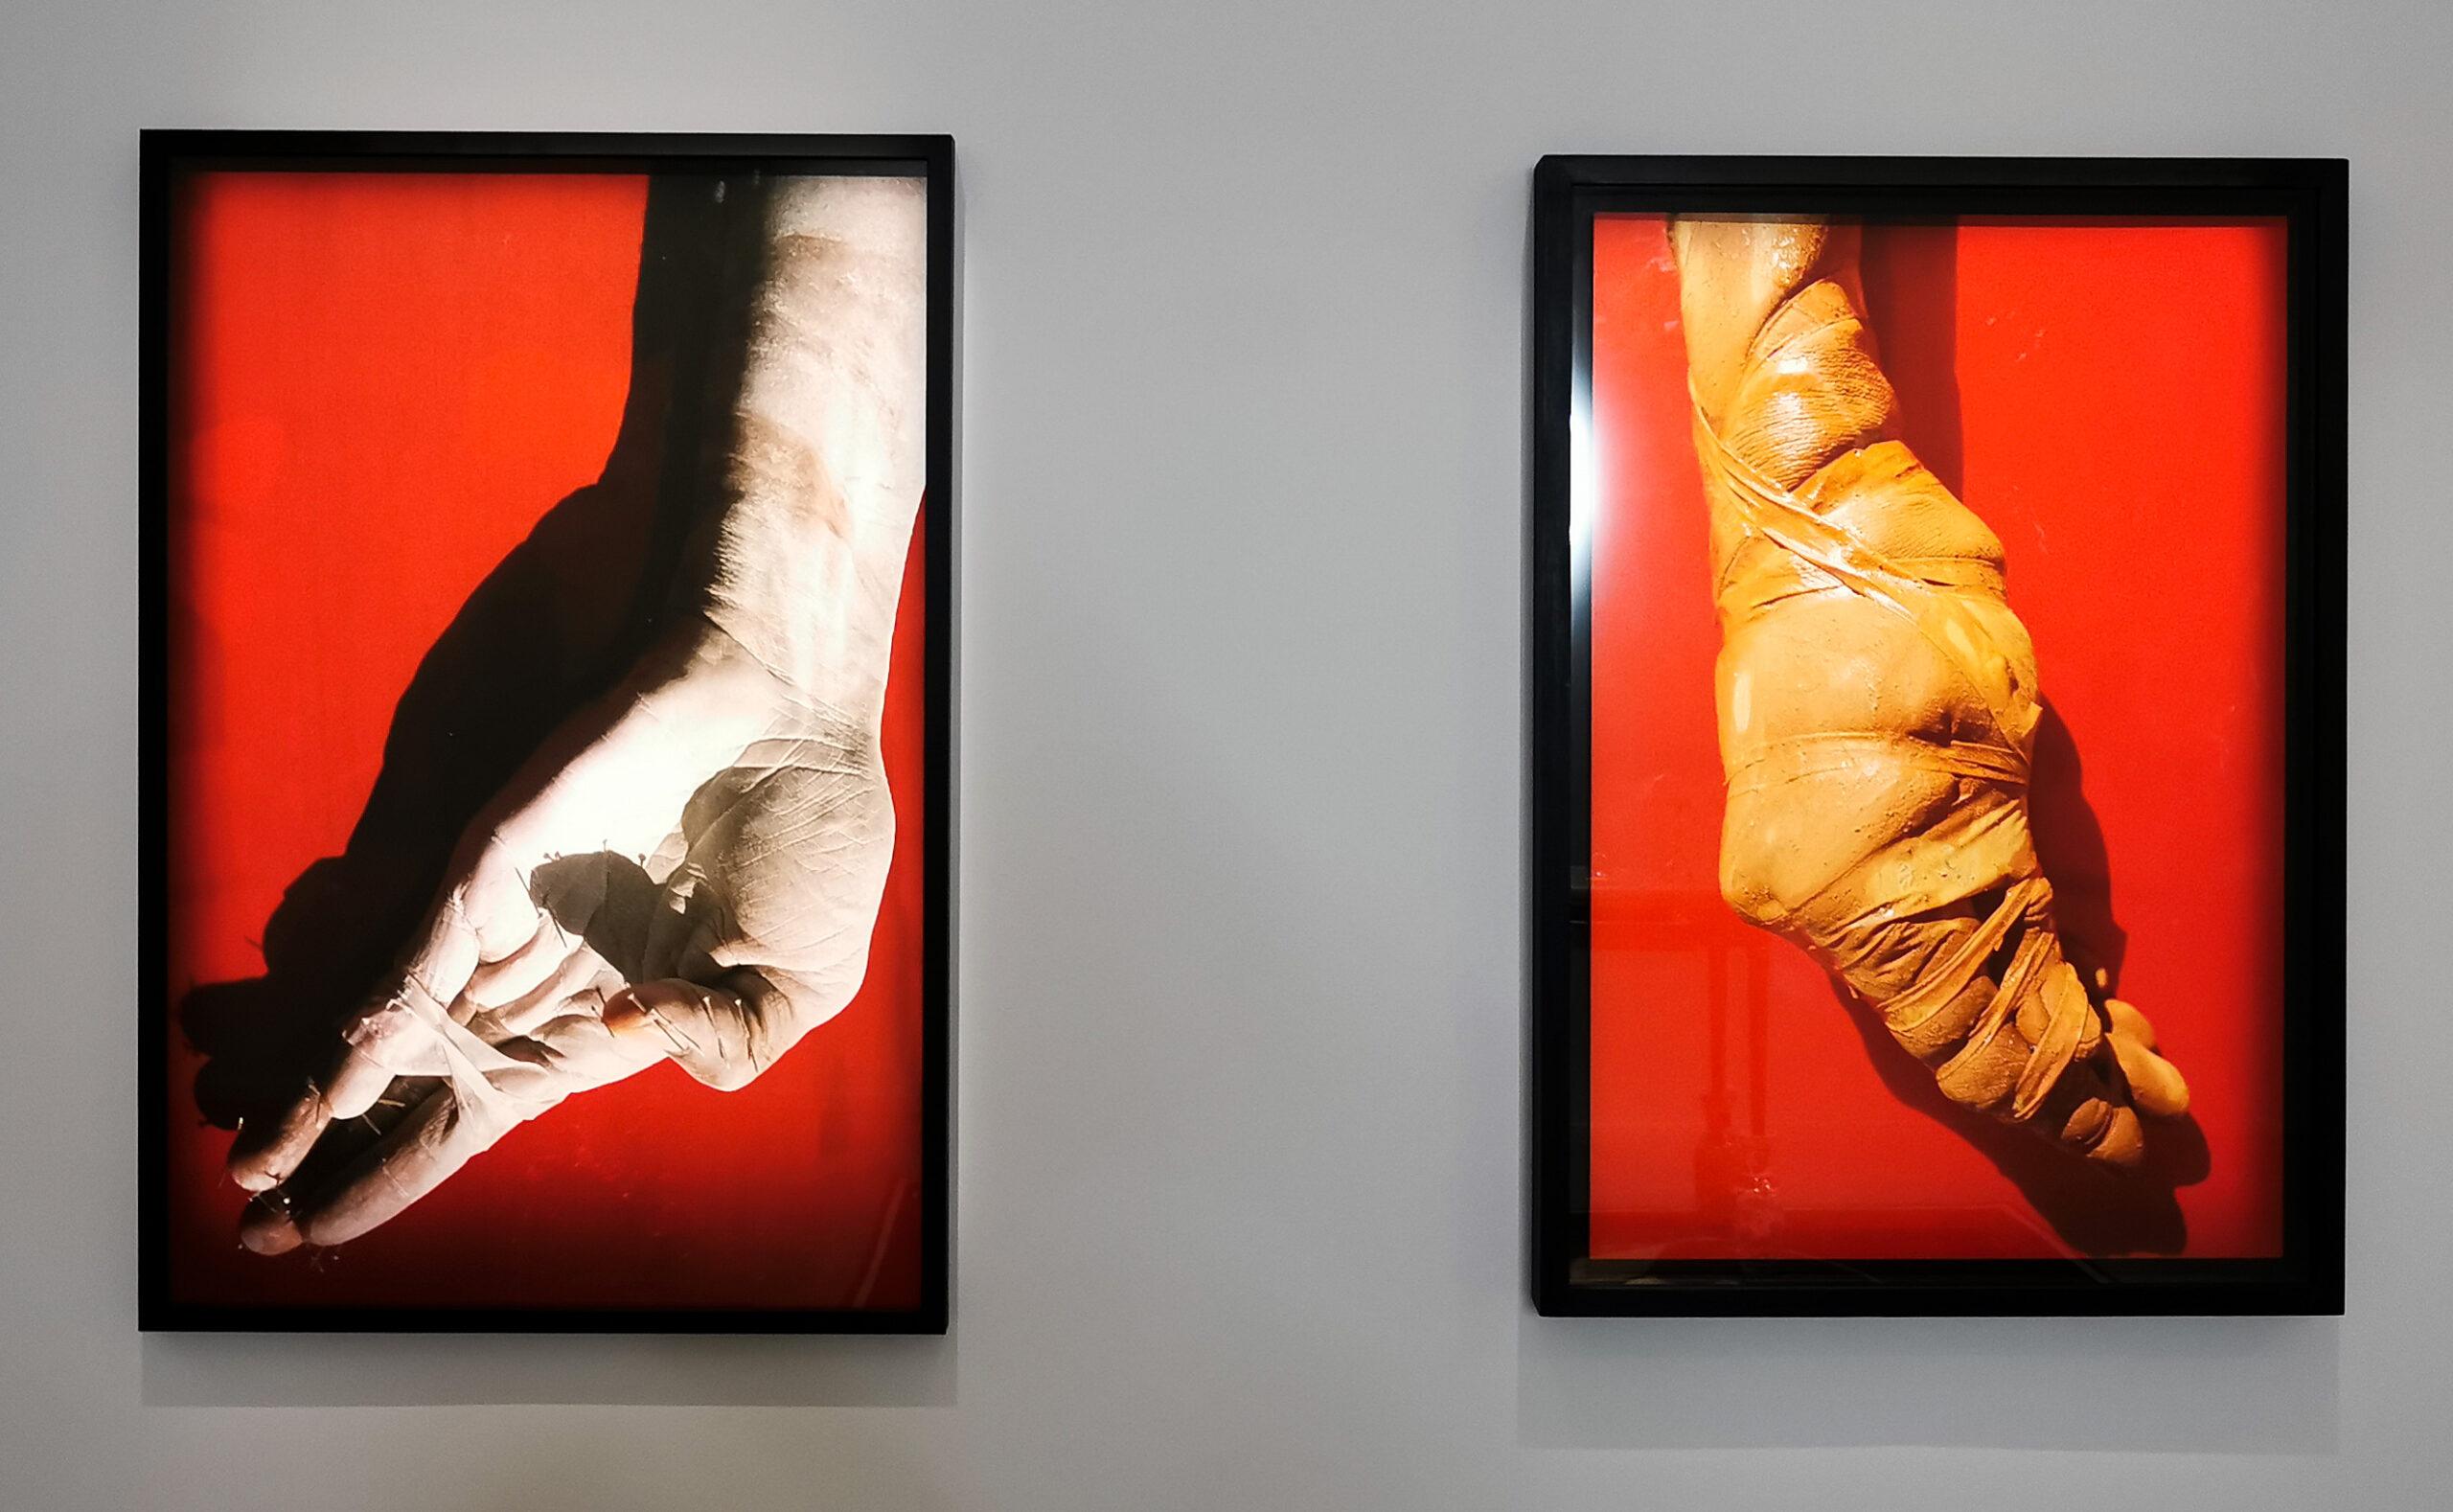 Myriam Mihindou - Série Sculptures de chair et Série «Sculpture de chair», 2000 - Possédé·e·s au MO.CO. Panacée